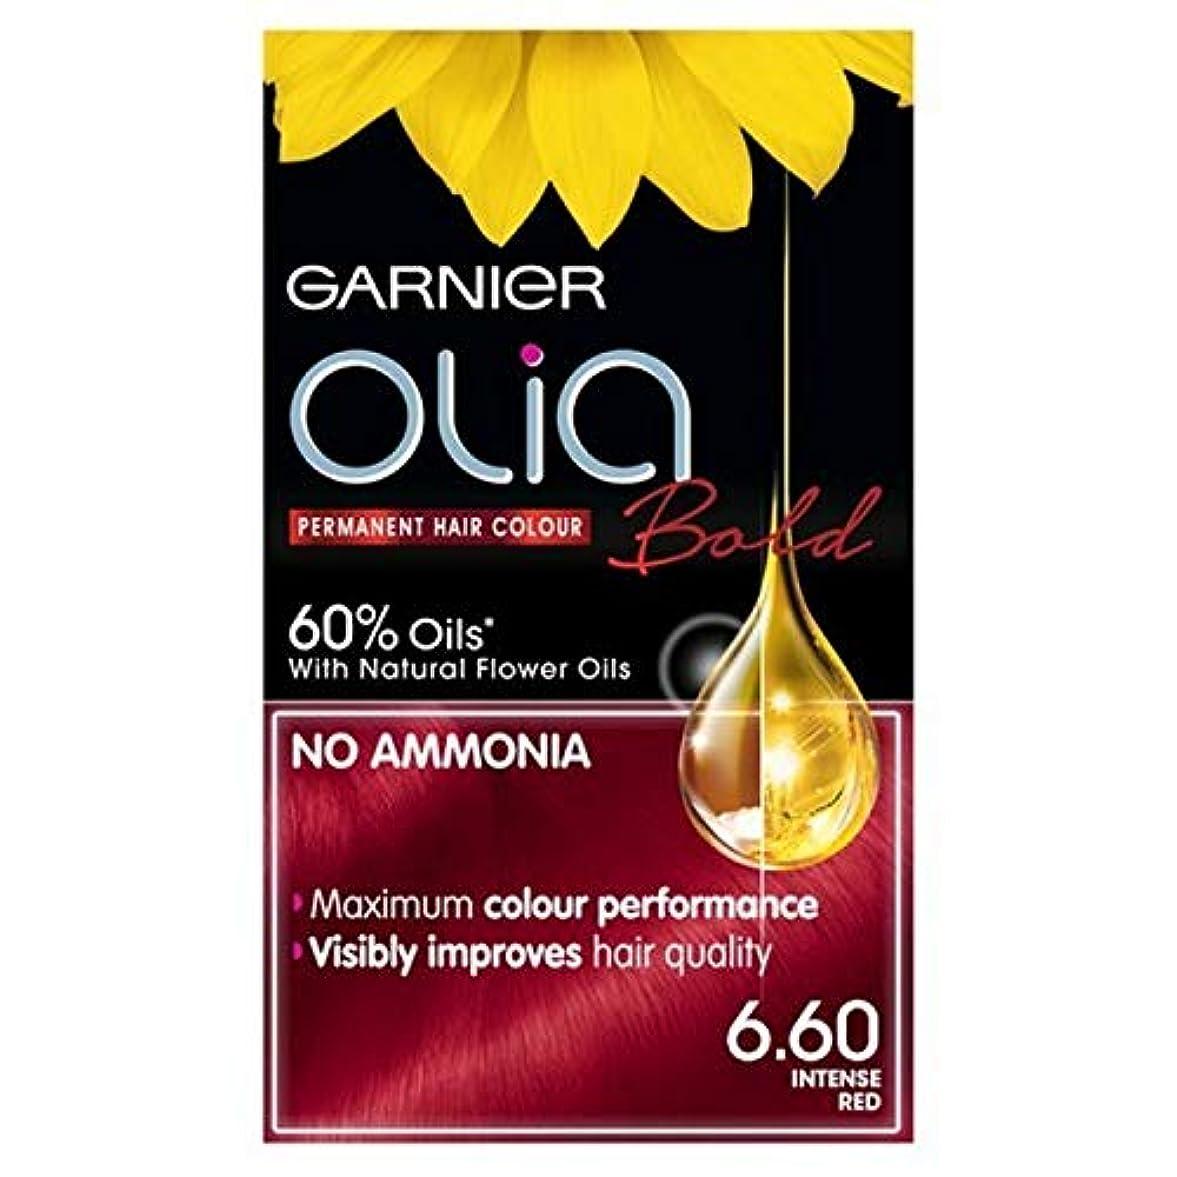 最も早い調整パイプライン[Garnier ] ガルニエOlia大胆永久染毛剤強烈な赤6.60 - Garnier Olia Bold Permanent Hair Dye Intense Red 6.60 [並行輸入品]